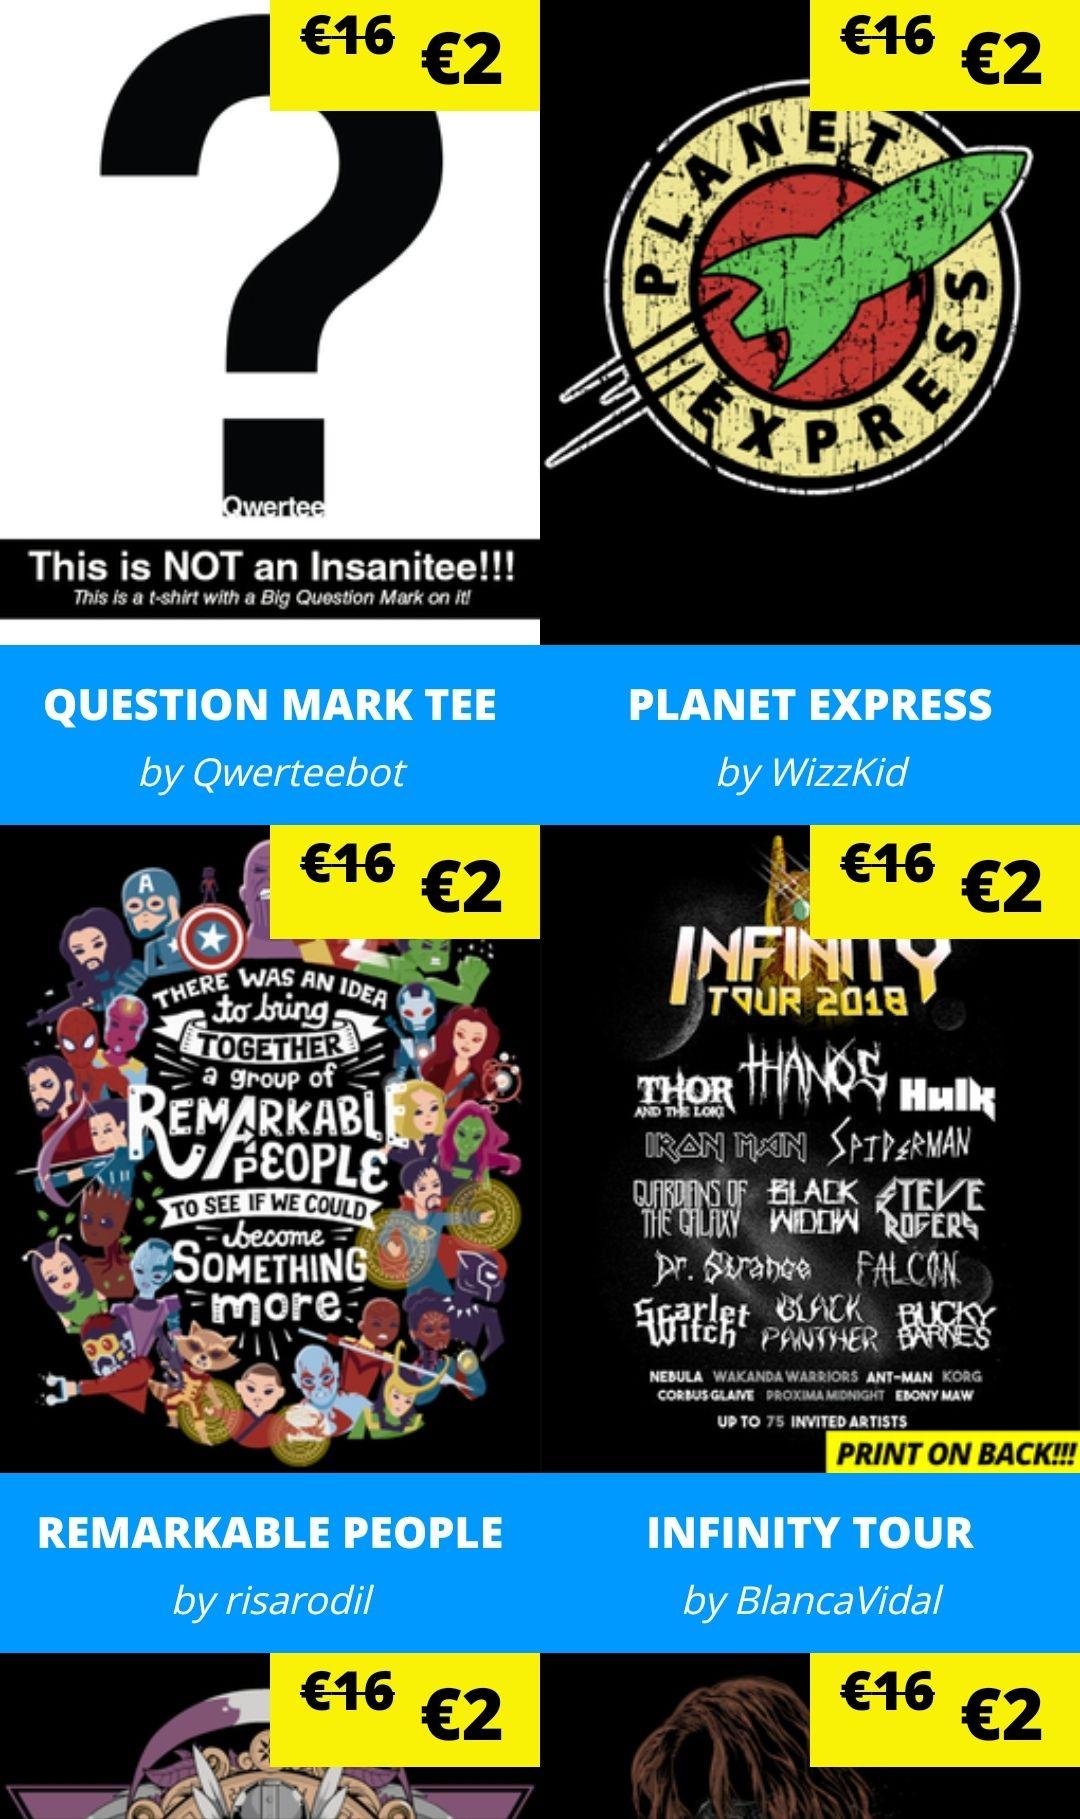 [Qwertee] Cyber Monday Sale / T-Shirts ab 2 € + 3 € Versand bei einem Shirt / Ab 6 Stück gibts keine VSK und Weihnachtssocken dazu